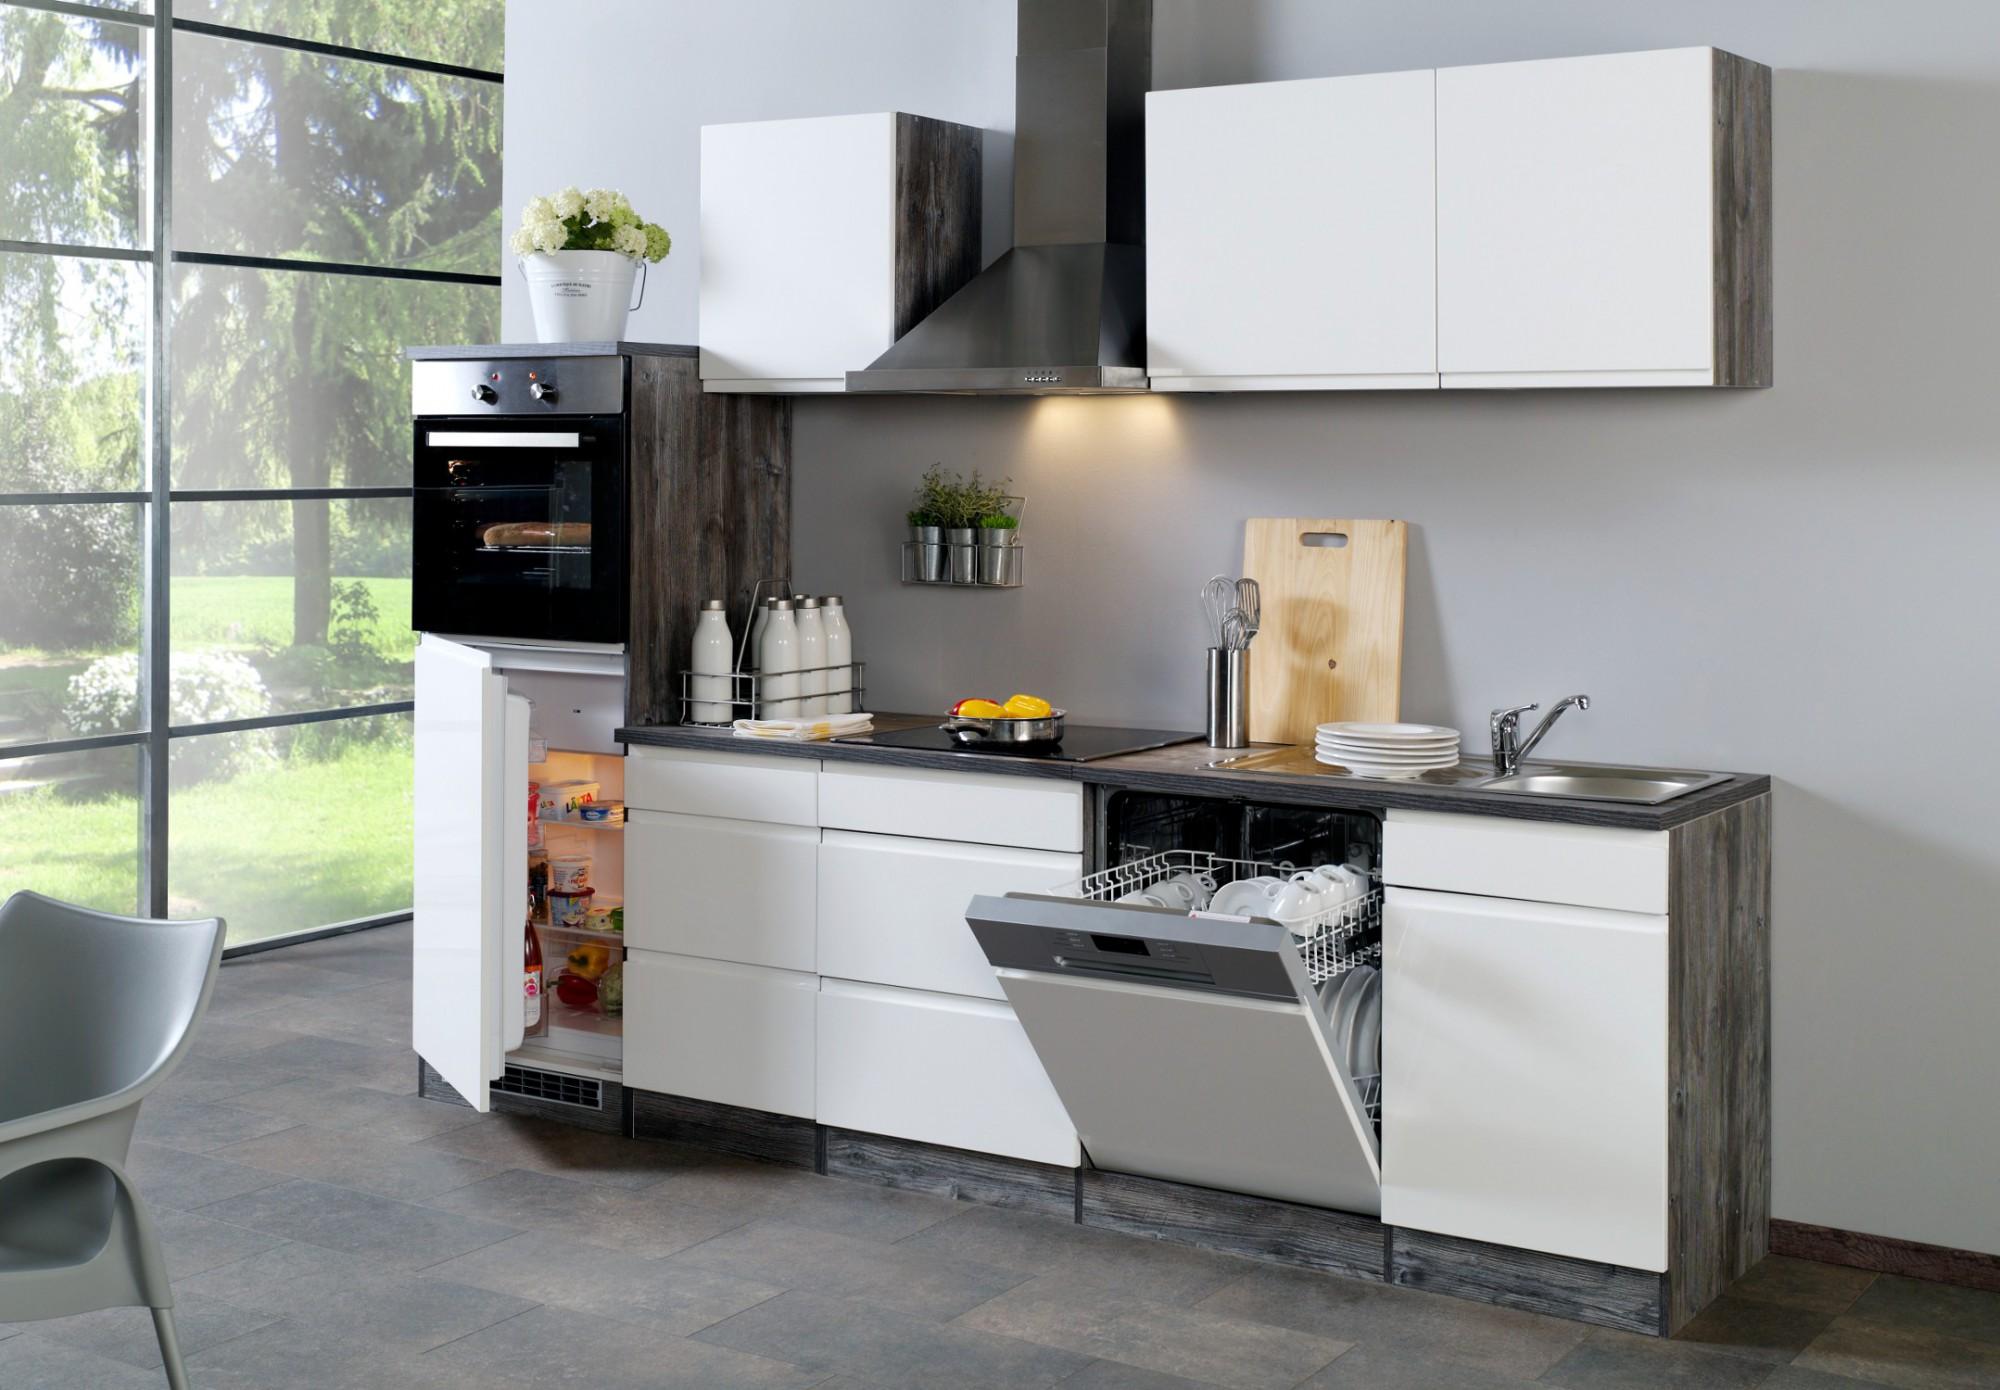 Full Size of Real Küchen Kche Mit Elektrogerten Und Splmaschine Zu Verschenken Poco L Regal Wohnzimmer Real Küchen